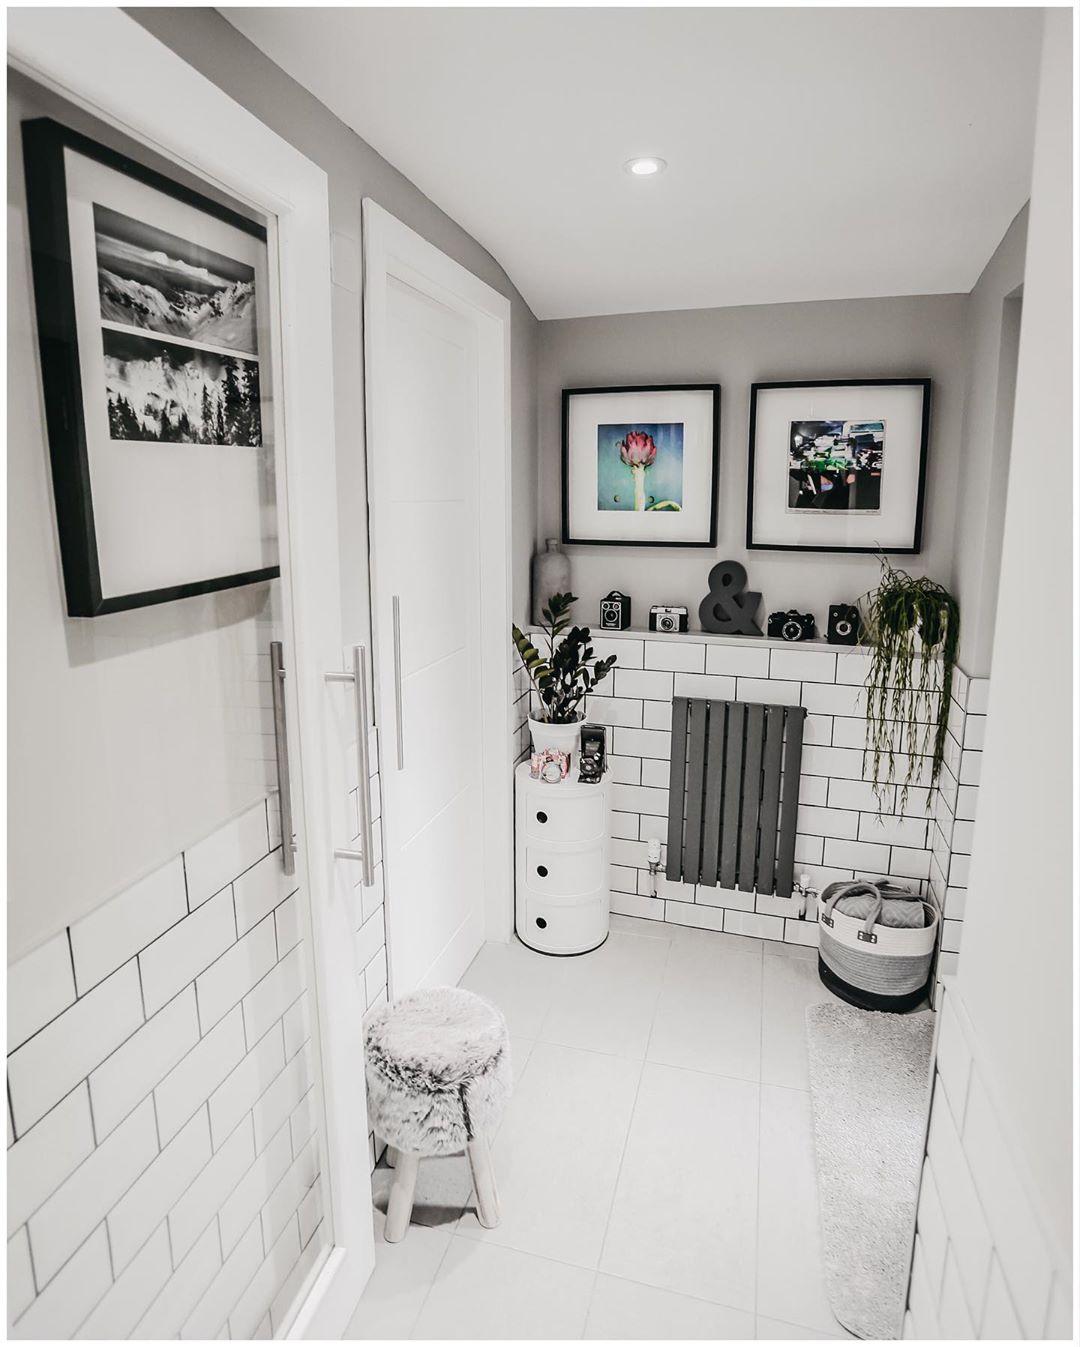 small Milano Capri radiator in a small hallway